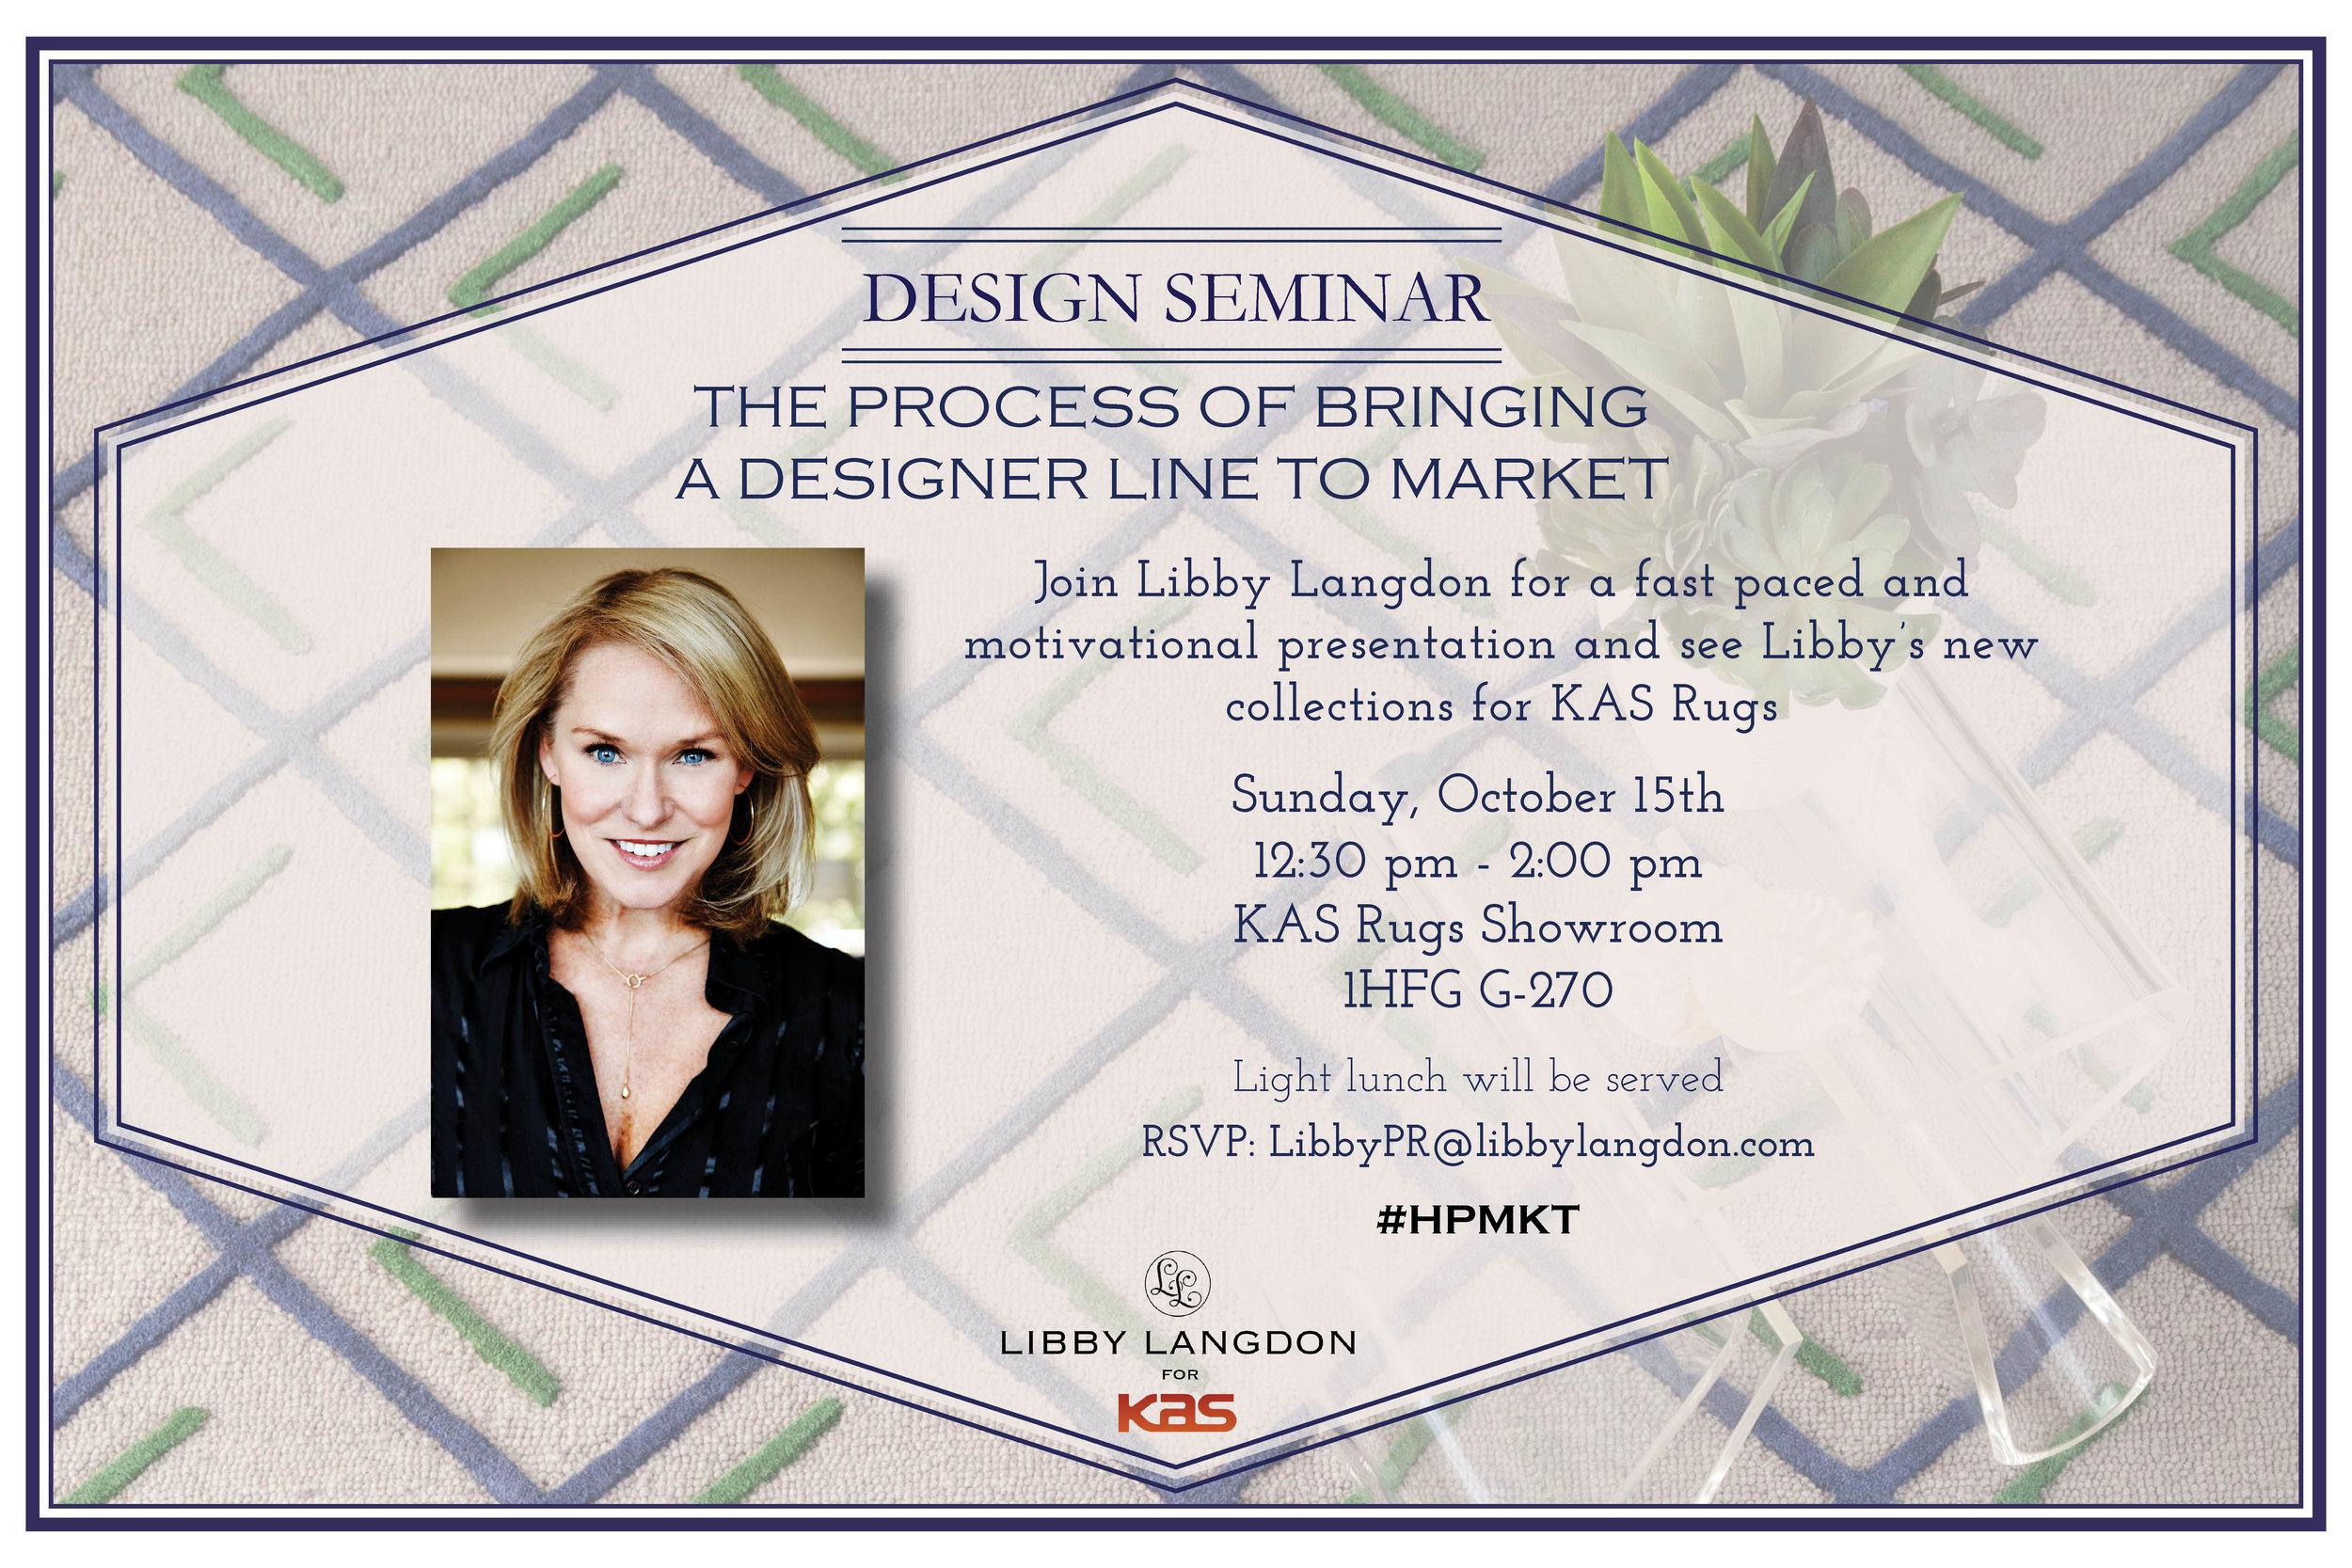 Design Seminar with Libby-HPMKT.jpg